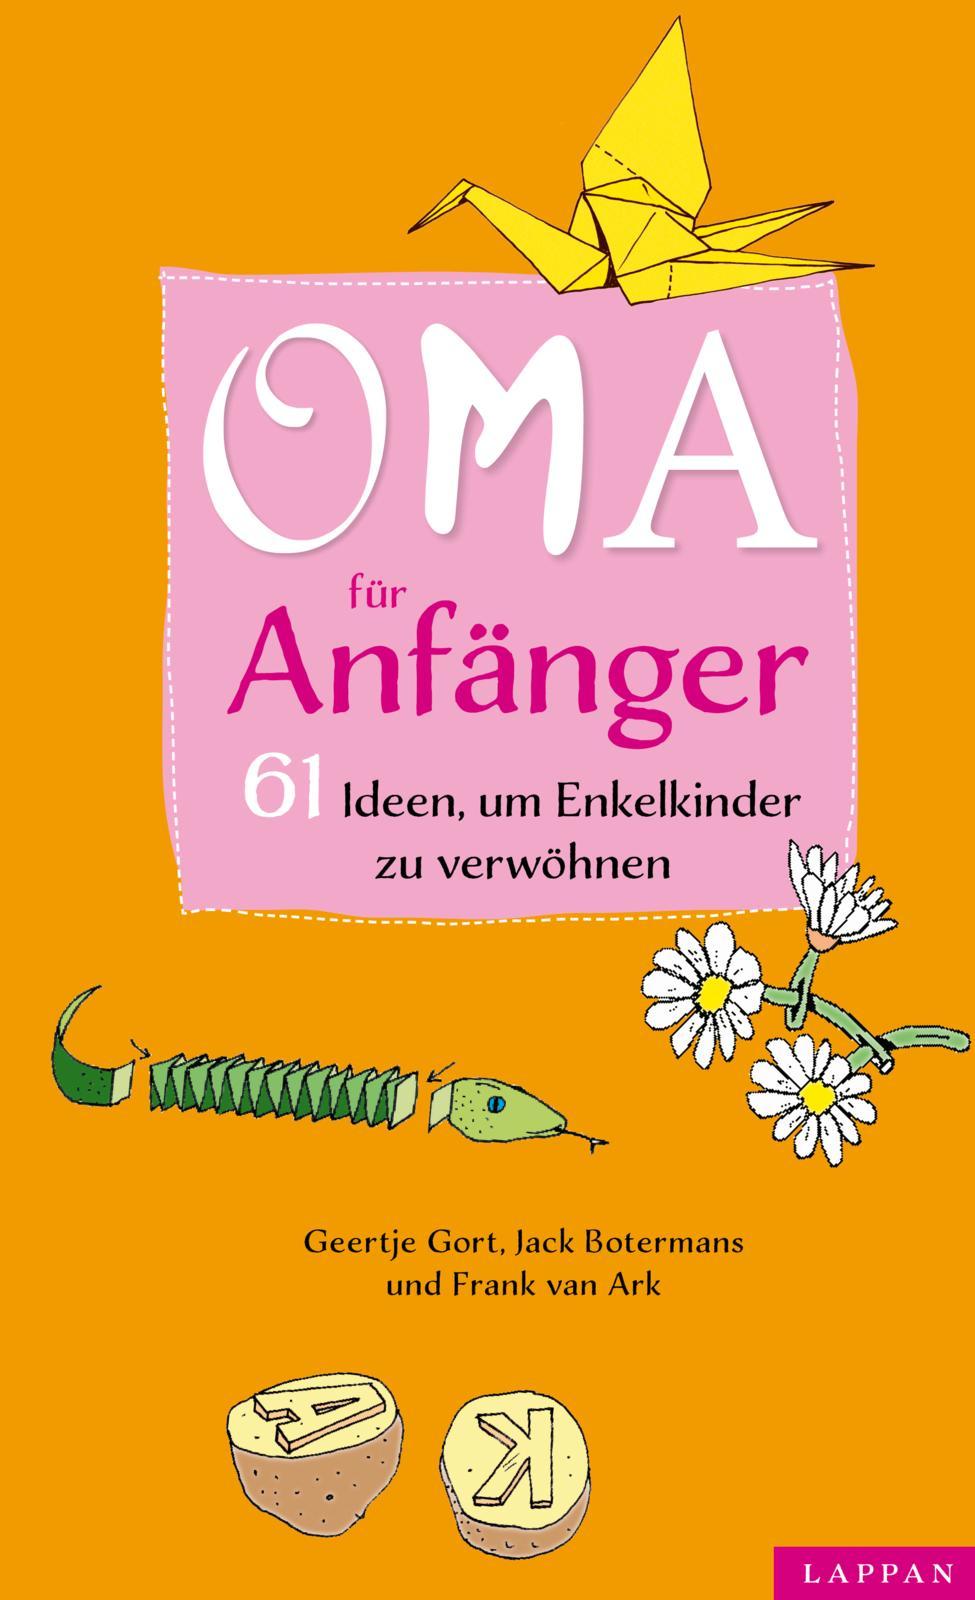 Oma für Anfänger von Blume, Anja, Botermans, Jack, Gort, Geertje, va